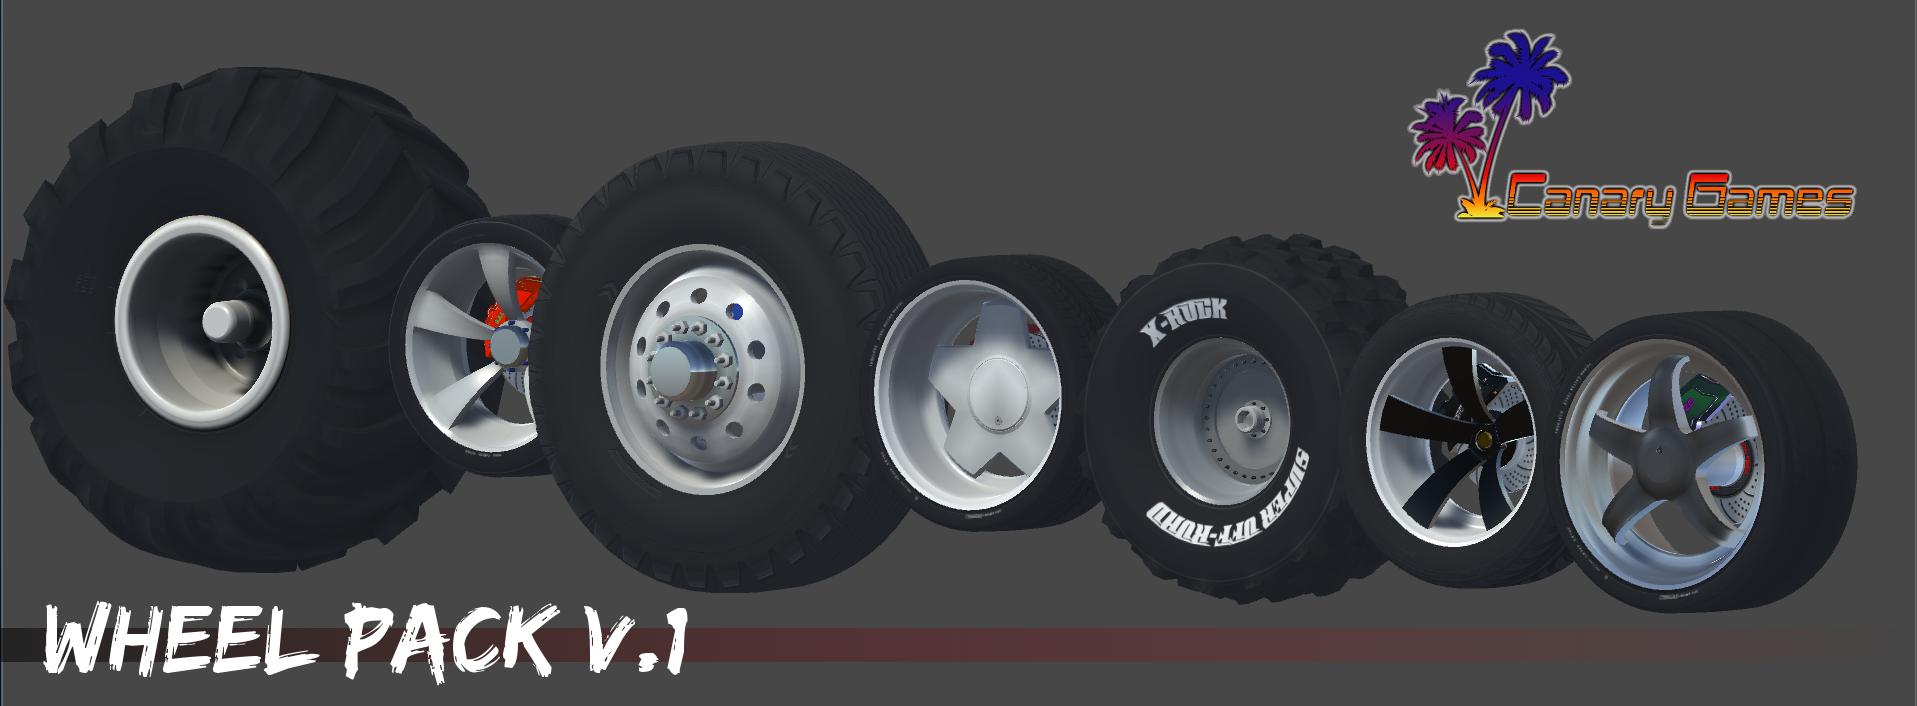 Wheels Pack V.1